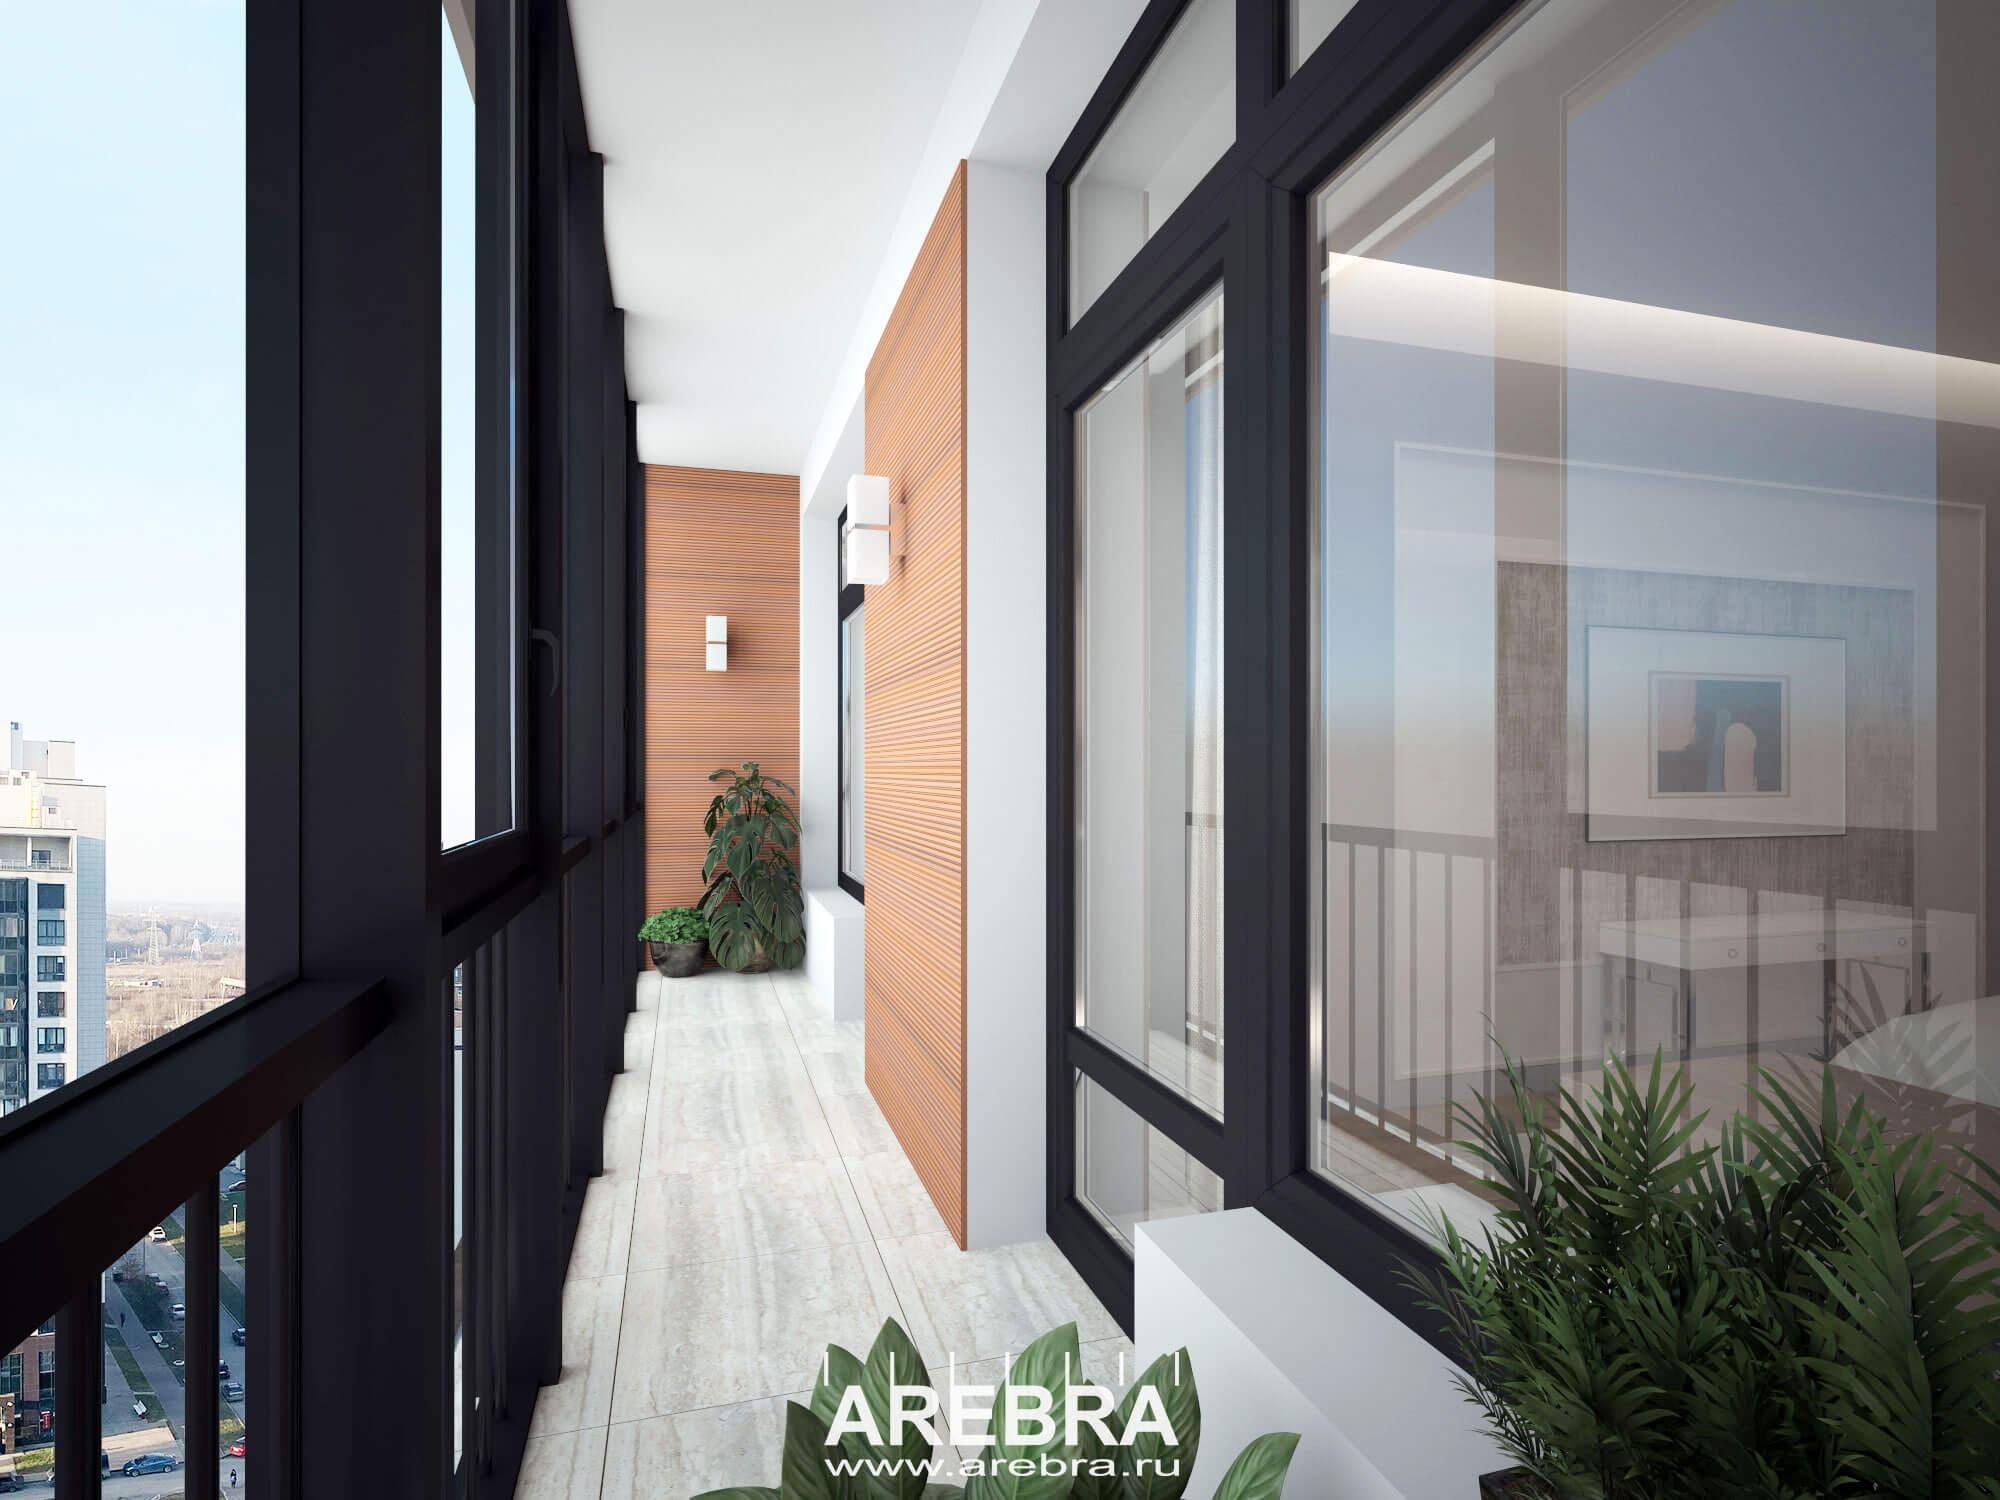 Дизайн проект интерьера квартиры для руководящего персонала «Балтийская Жемчужина» г. Санкт-Петербург